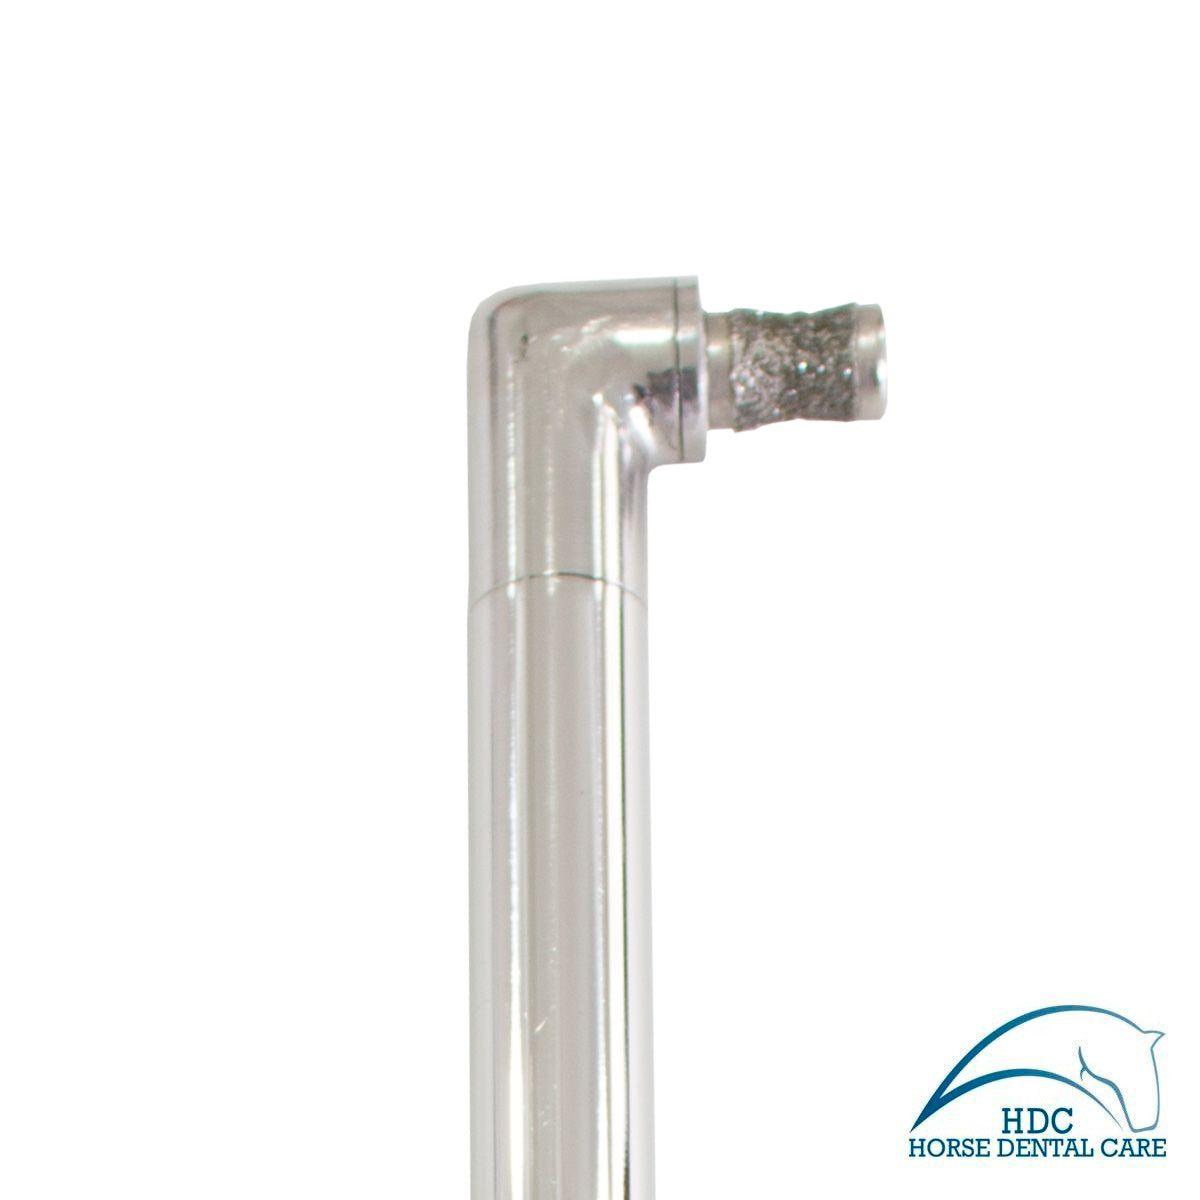 Caneta Odontológica Equina Longa Angulada com Broca Apple Core